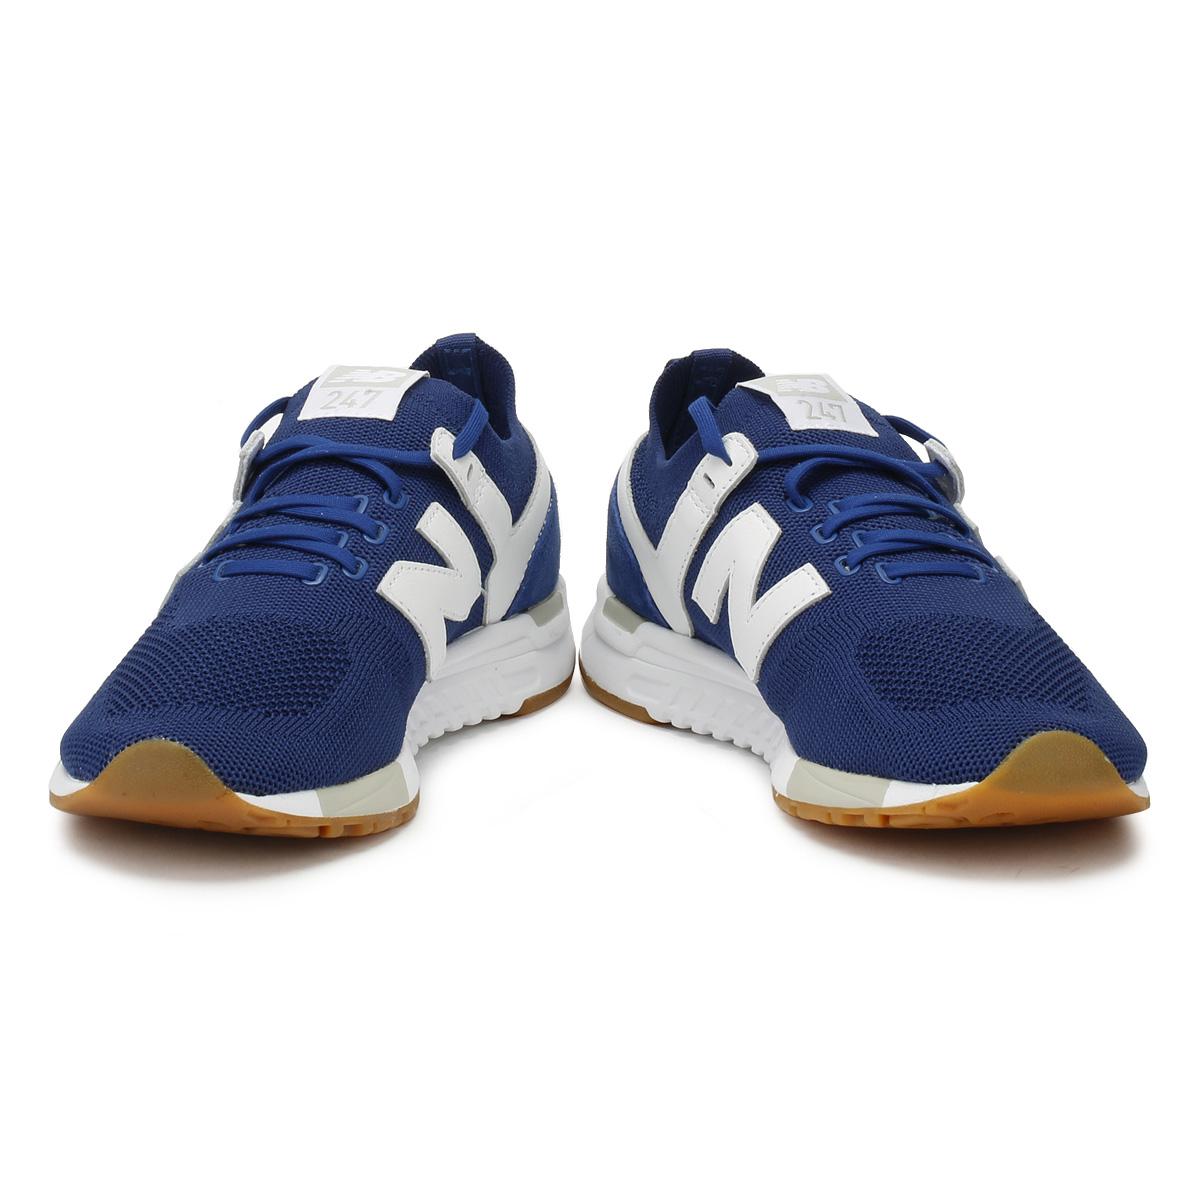 New 247 Hombre Blanca Balance Con Para Y Zapatillas Azul fPfR4r